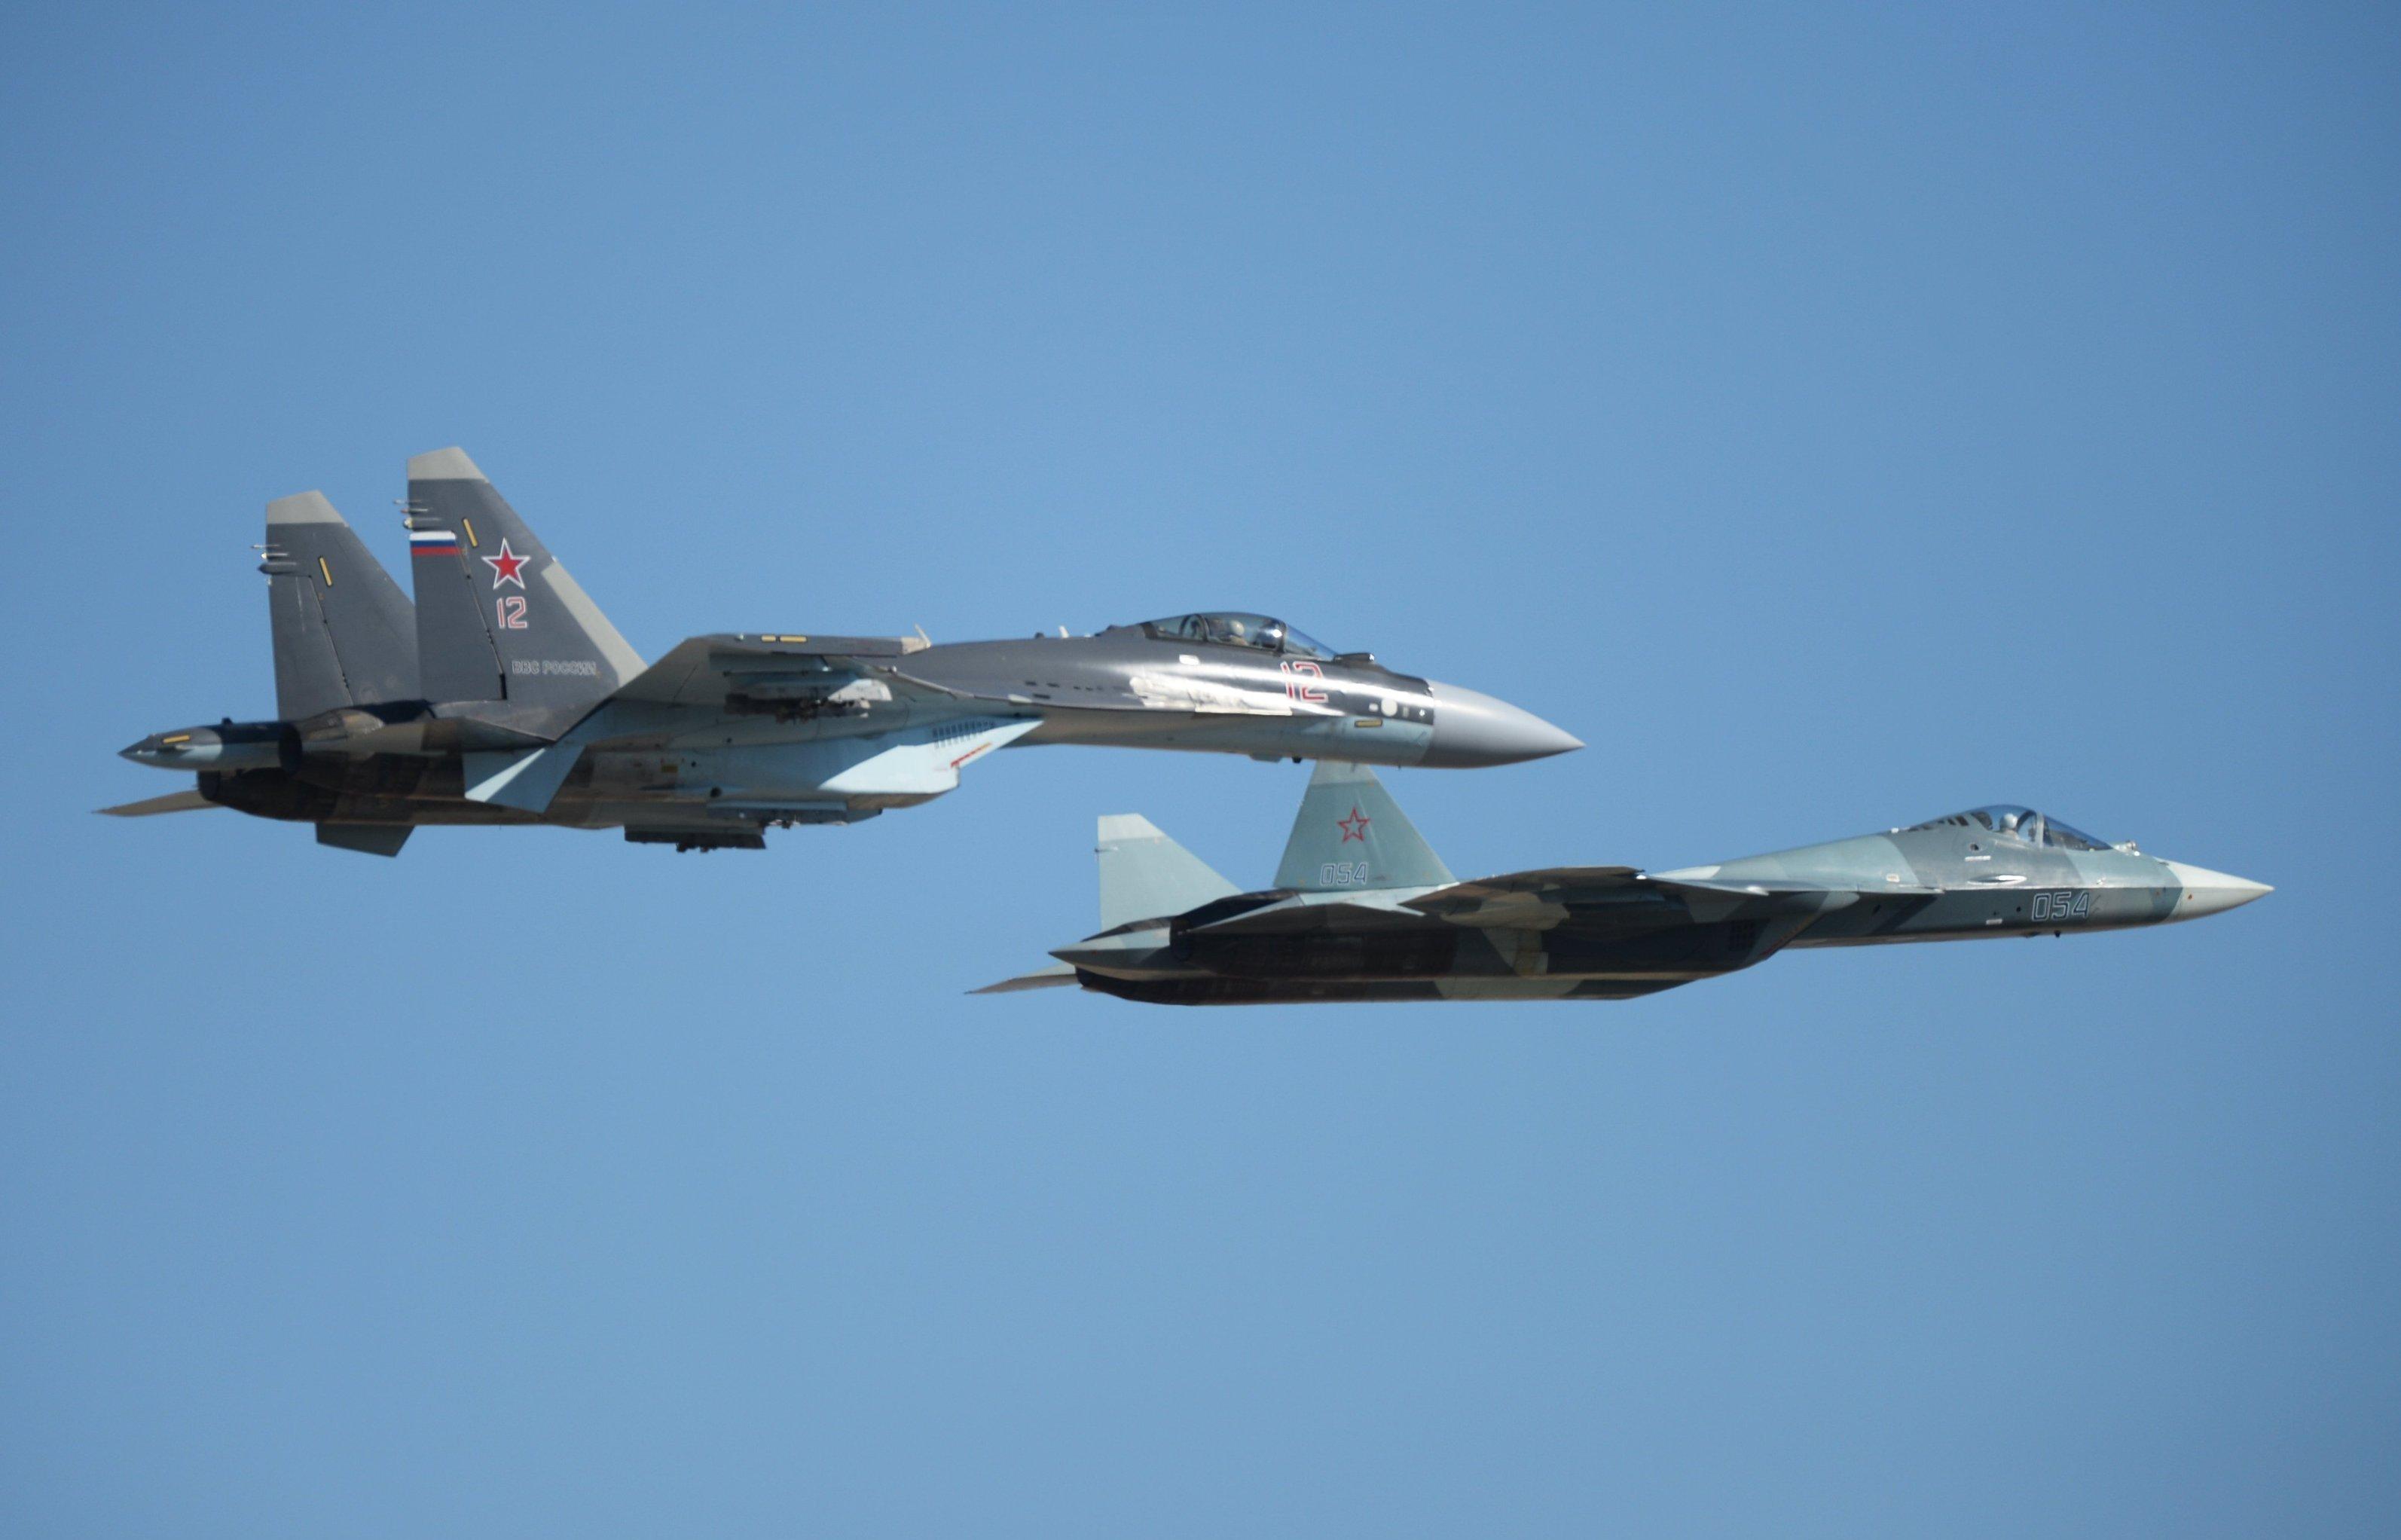 El Su-35 (izquierda) junto con el T-50 durante un vuelo de demostración (archivo)